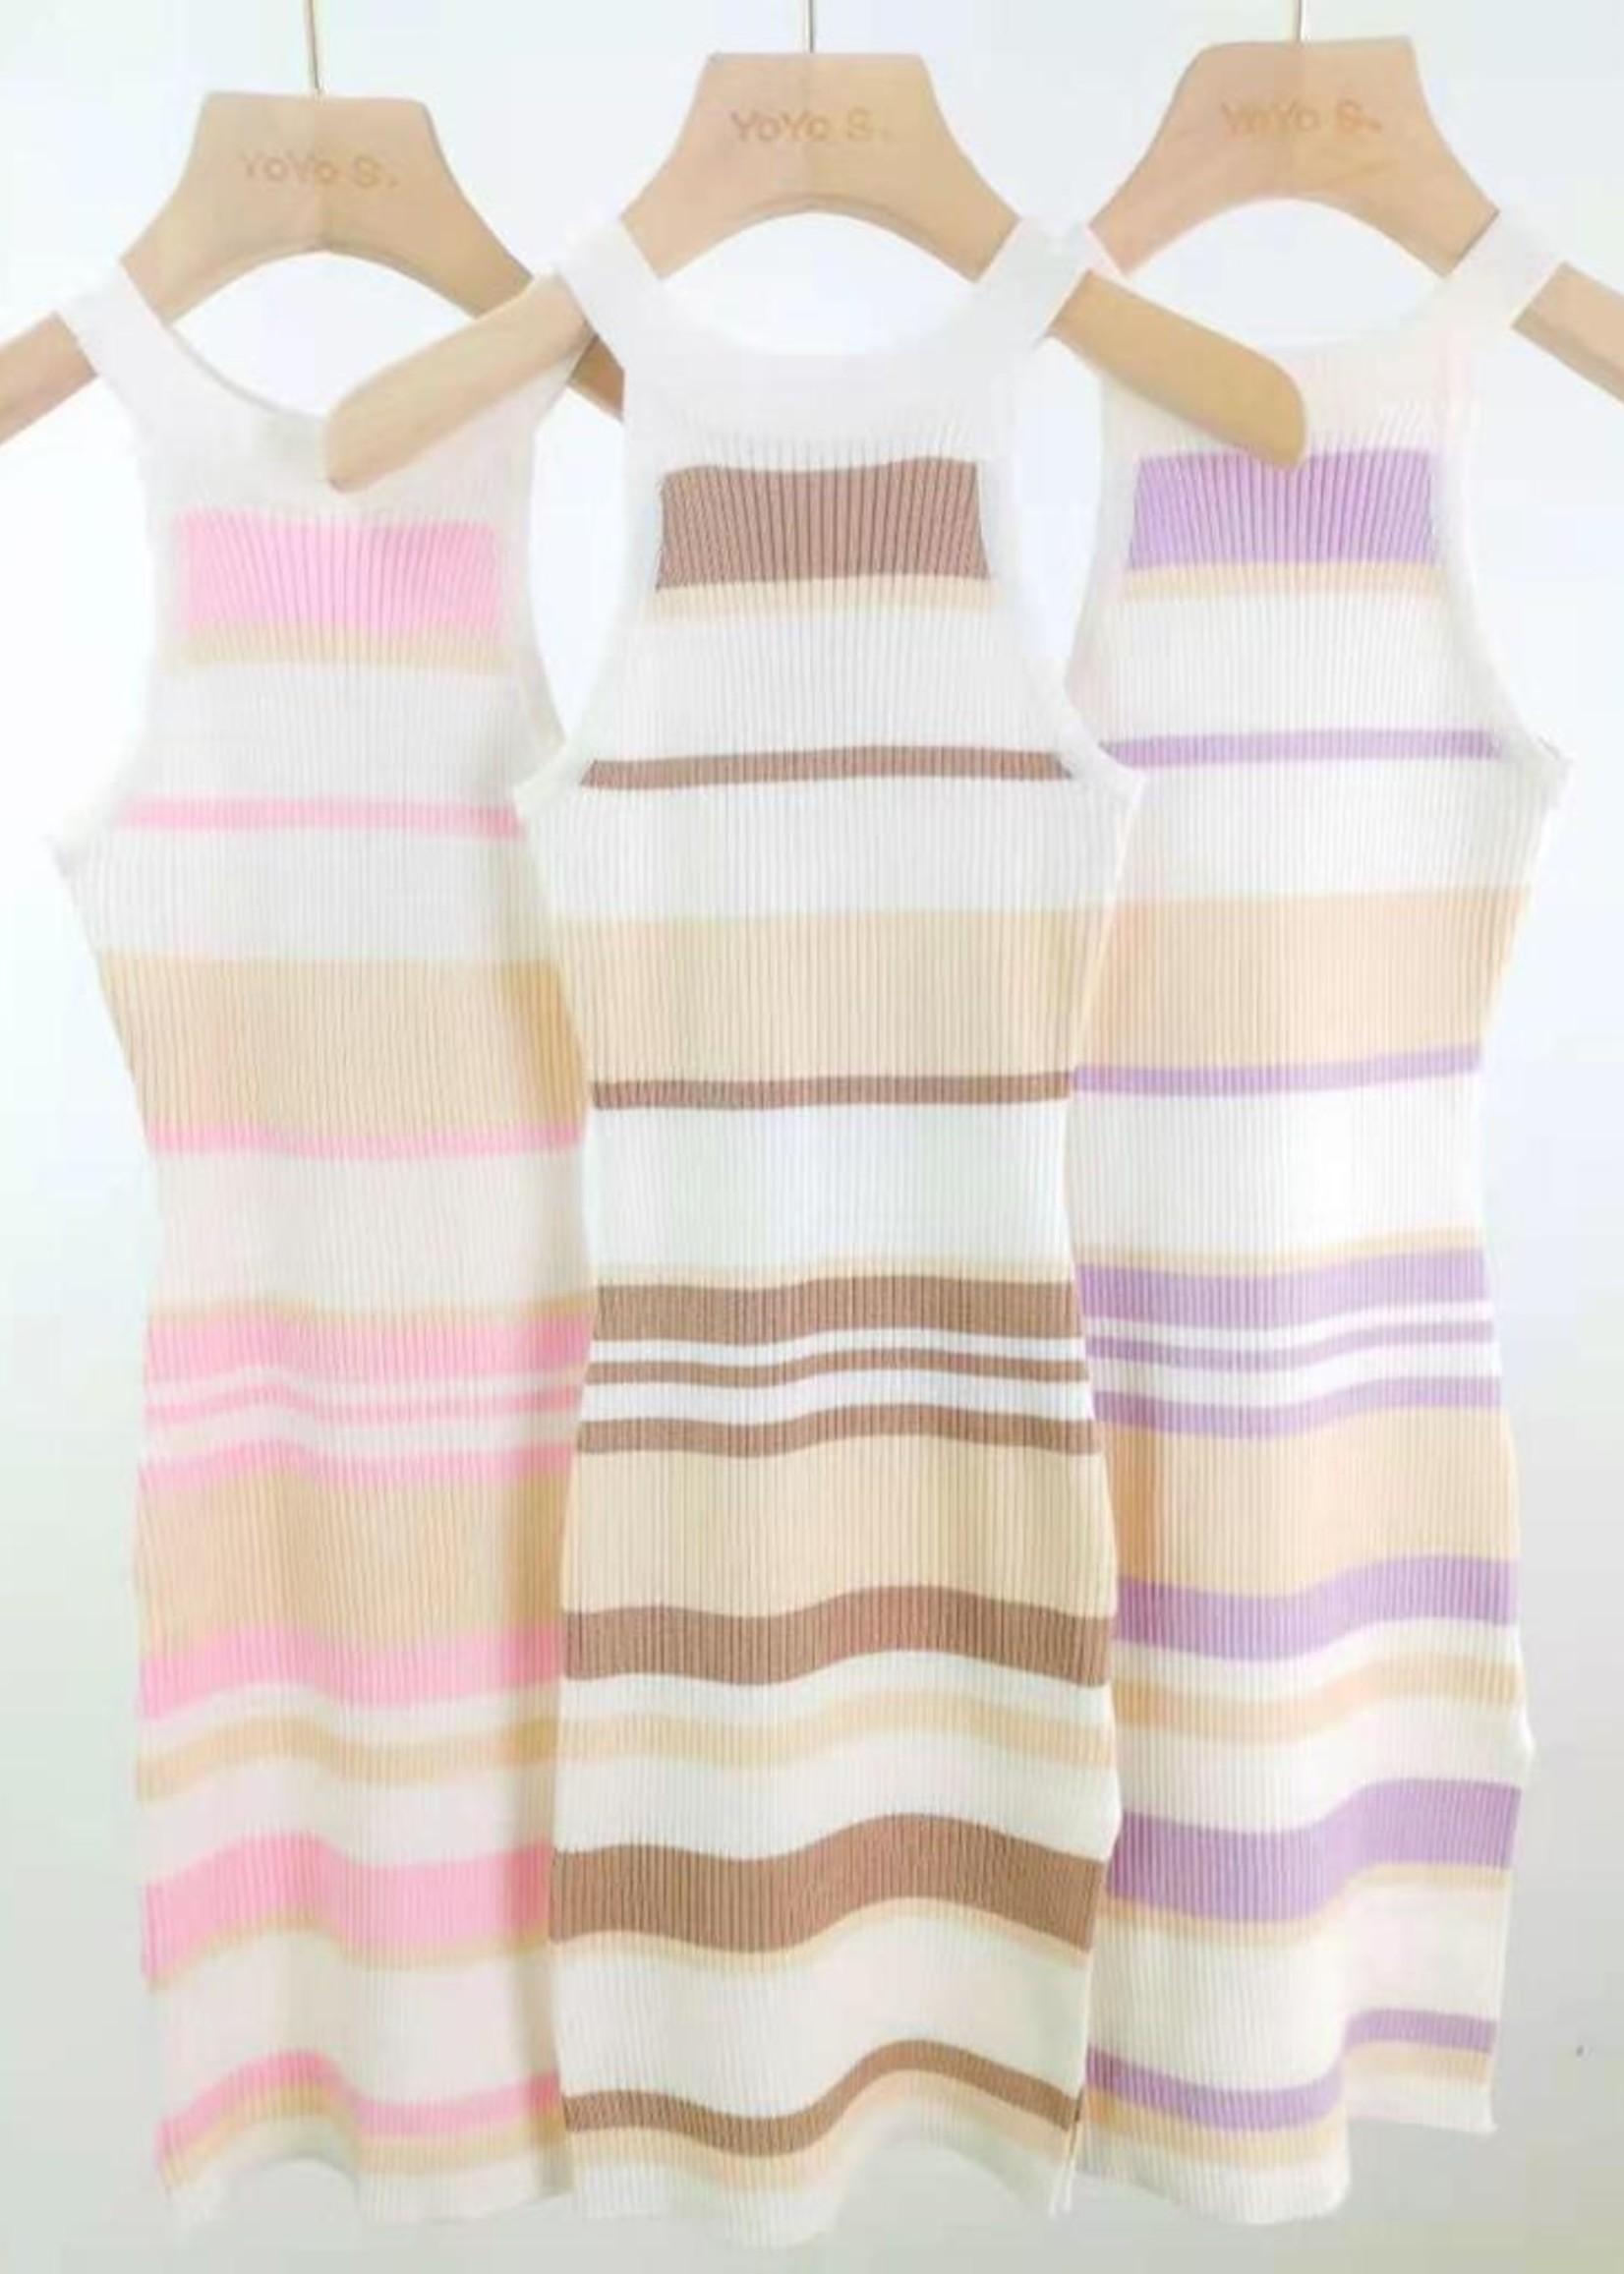 Divanis Divanis striped halter dress brown